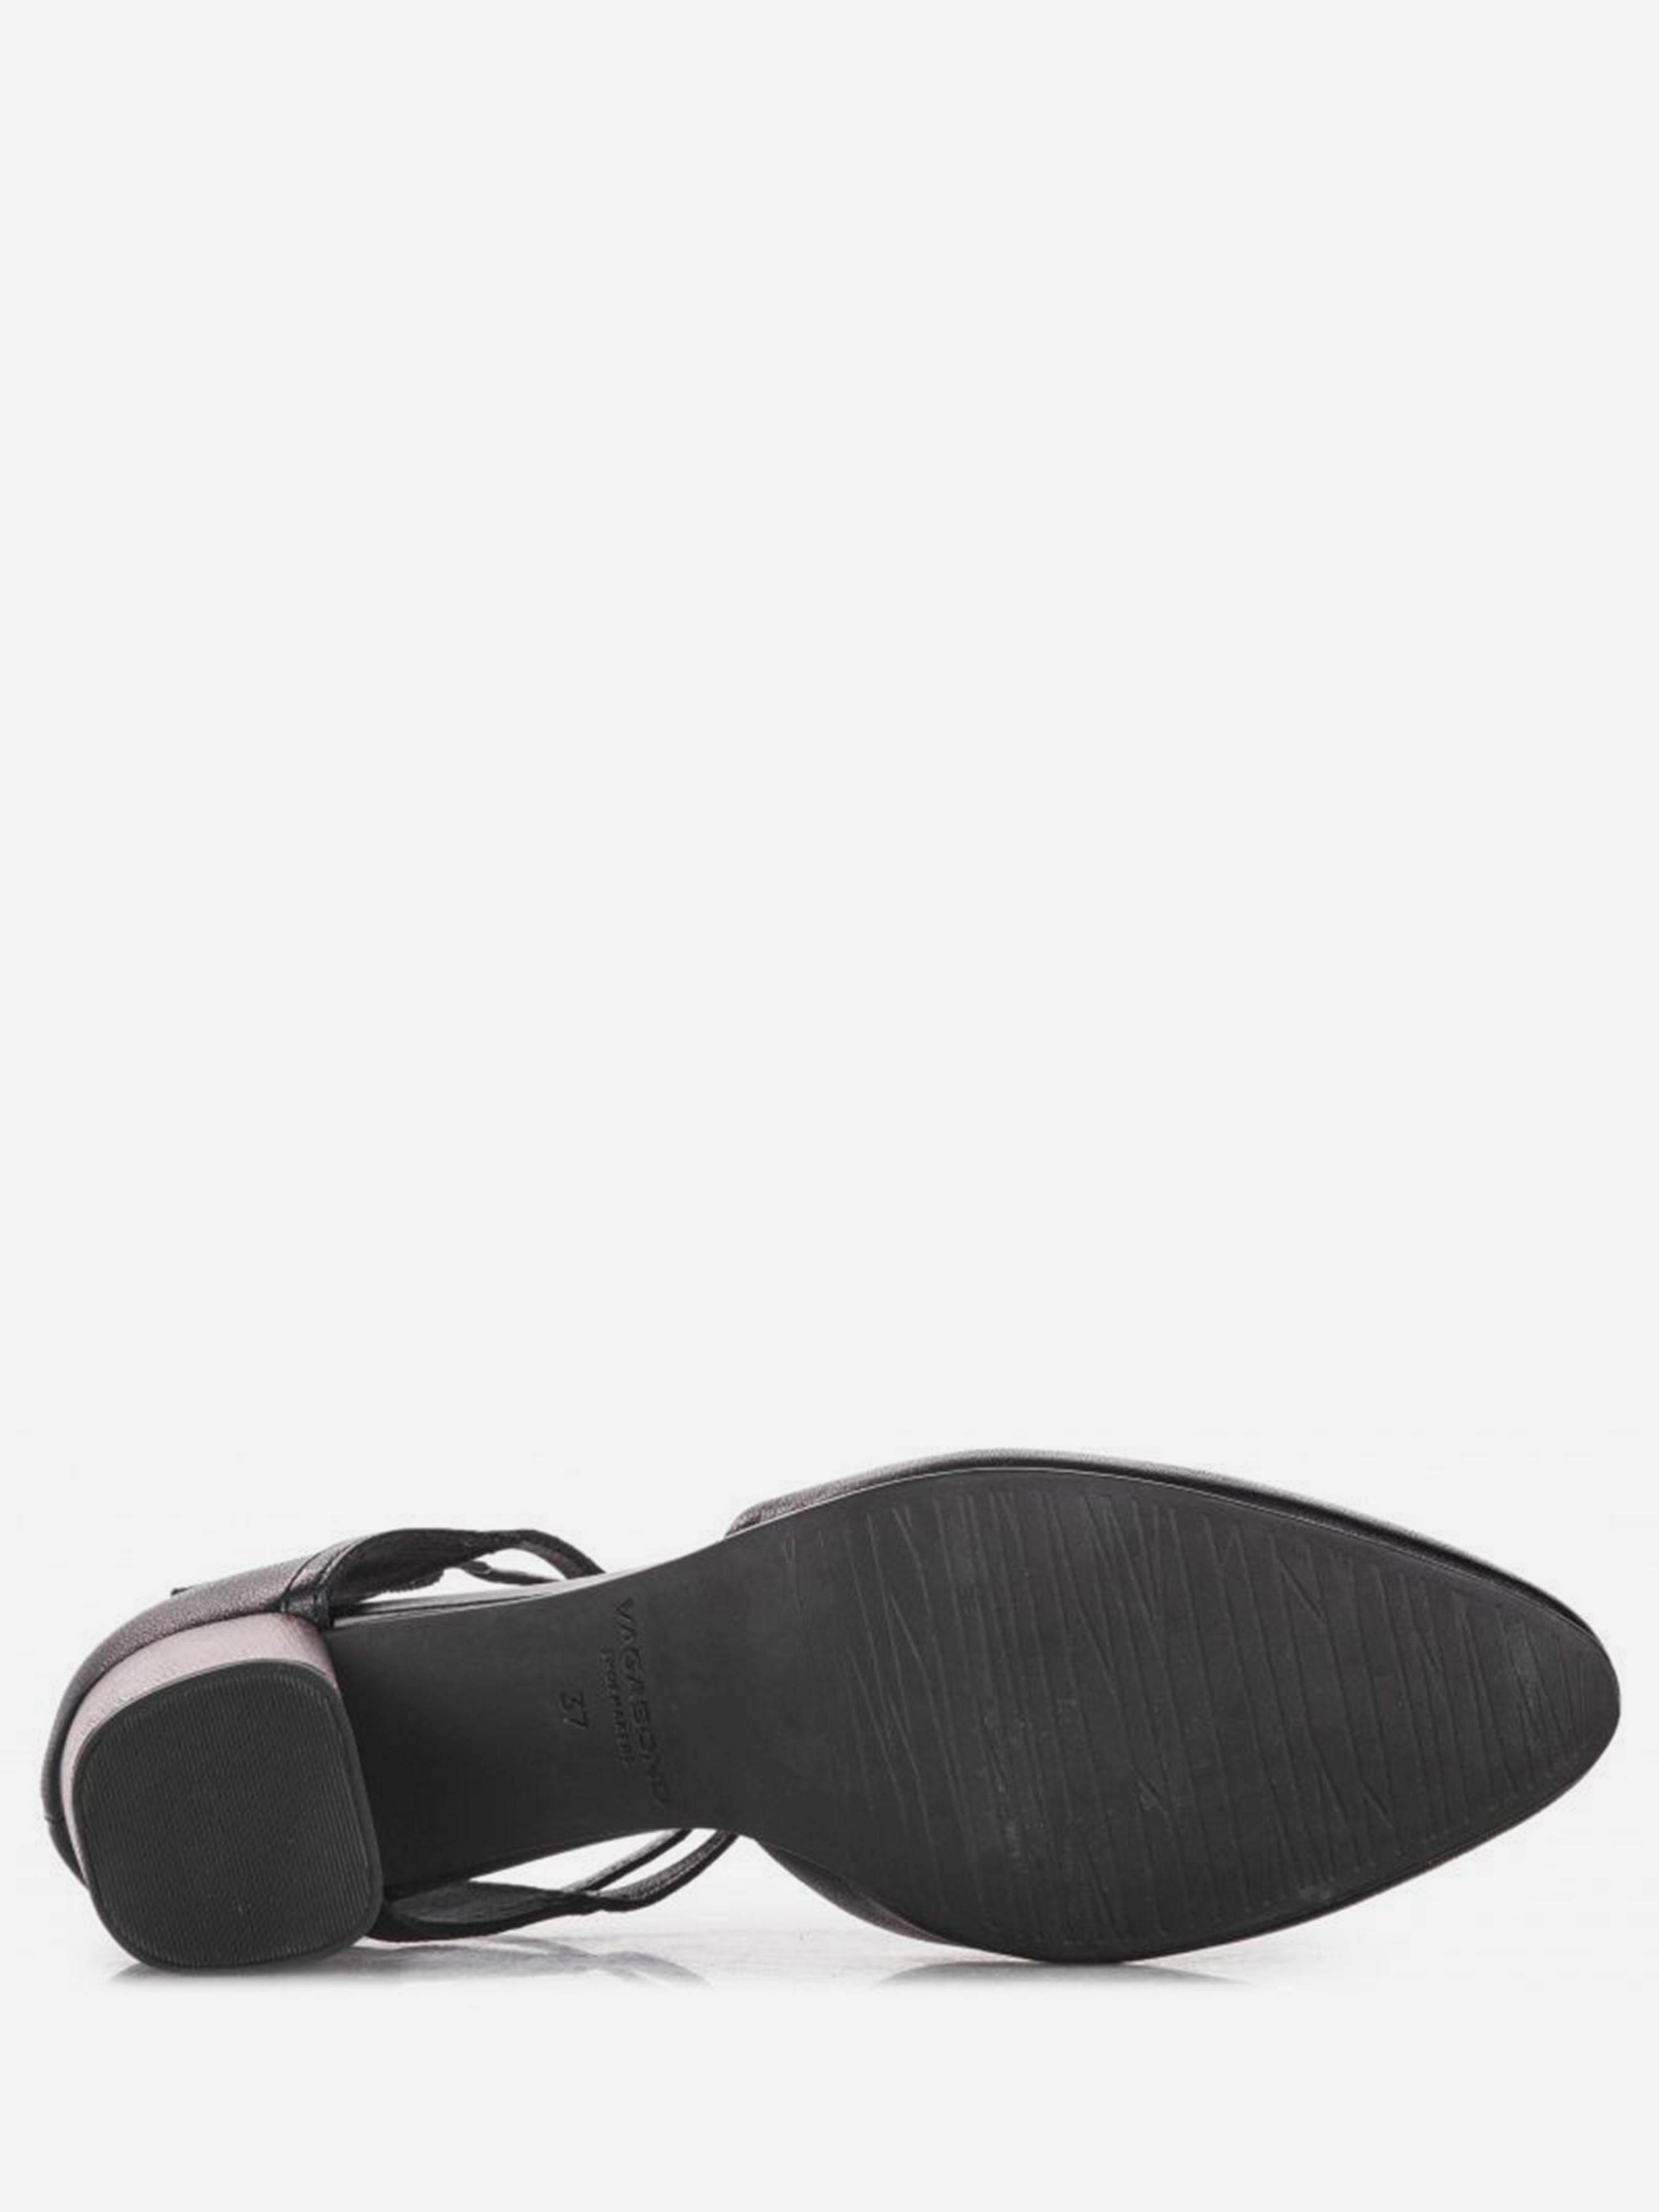 Босоножки для женщин VAGABOND EVE VW5457 размеры обуви, 2017